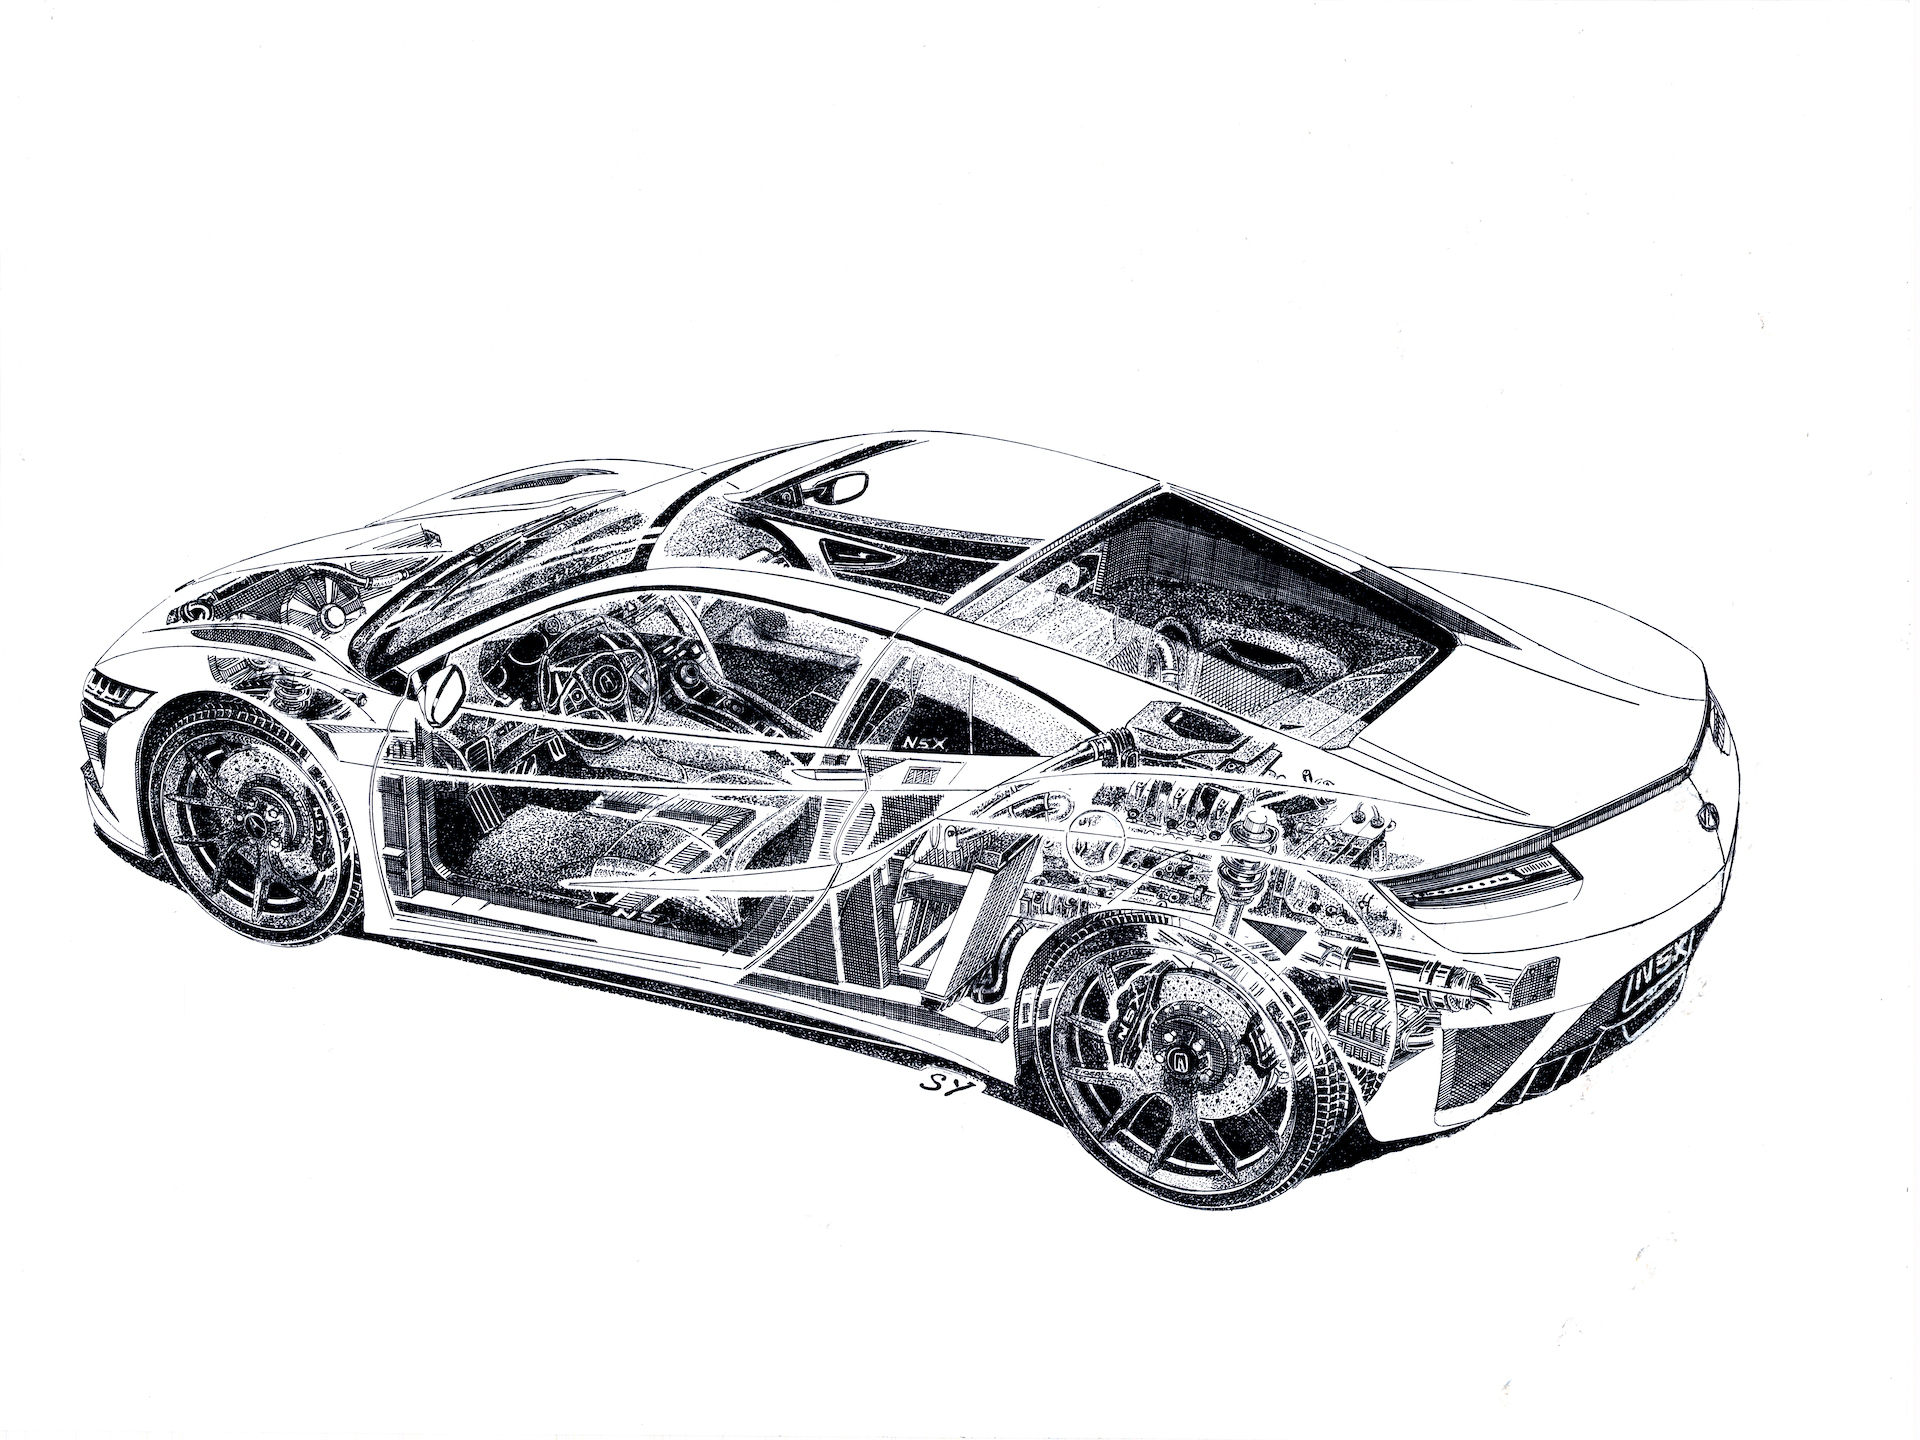 Flipboard Cutaway Sketch Of Acura Nsx Shows Inner Workings